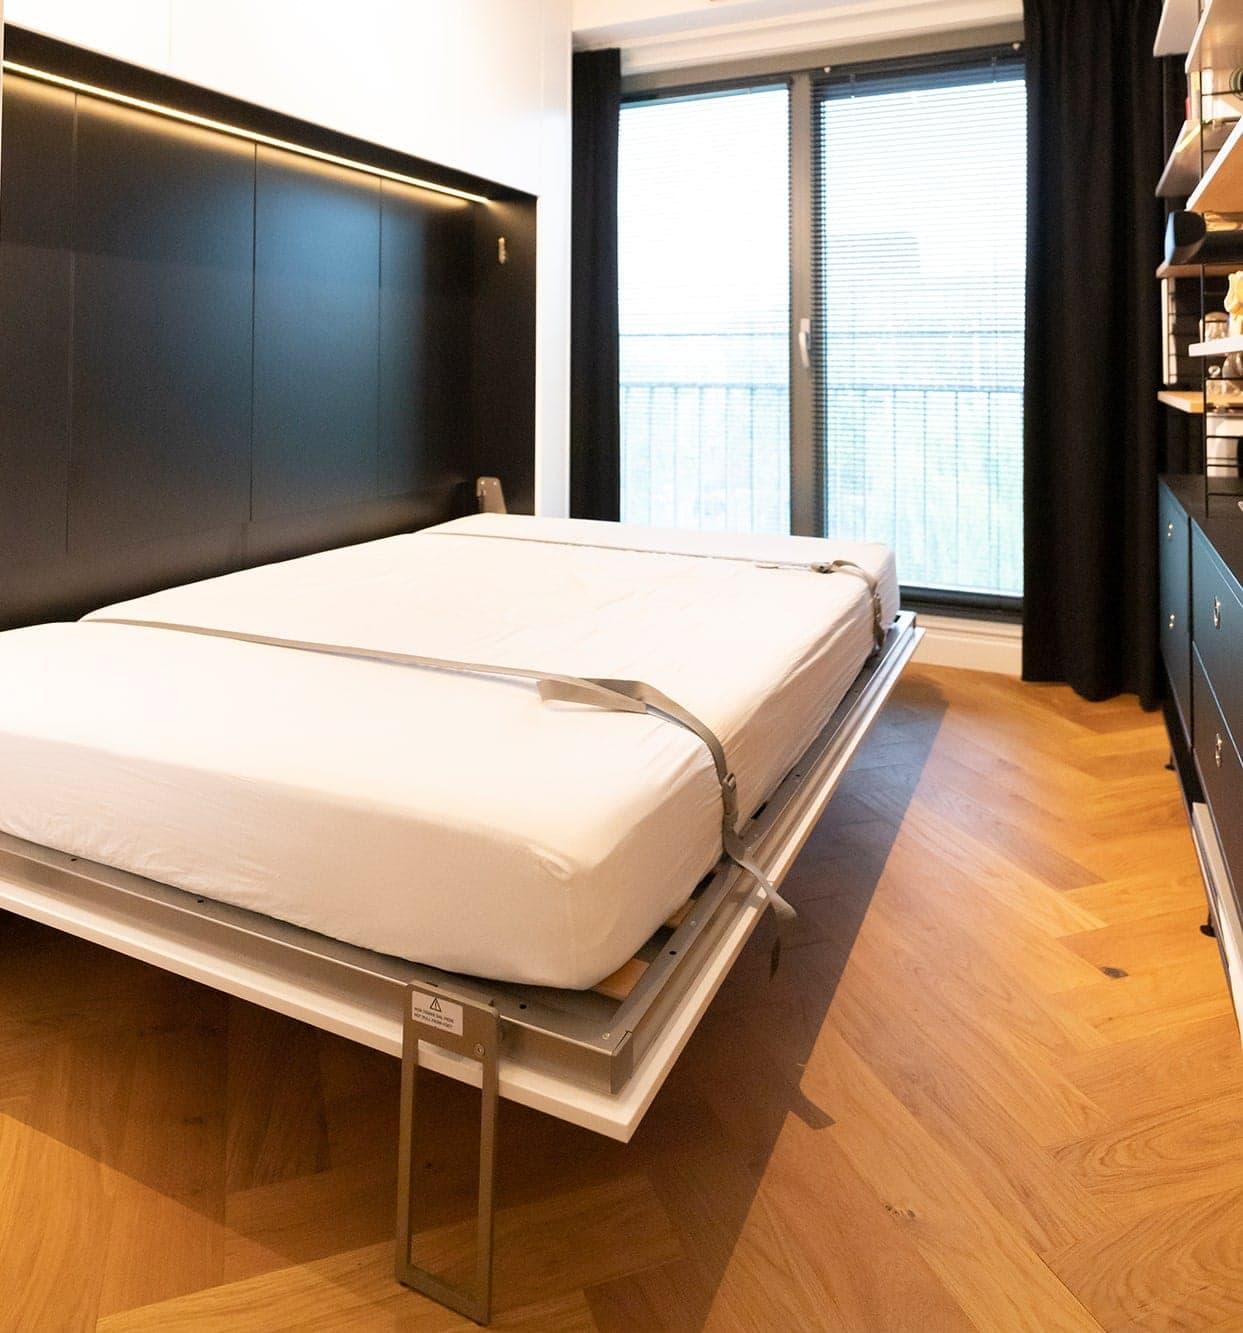 Interieurbouwer Rijswijk Hebben Een Inklapbaar Bed Gemaakt Voor Een Logeerkamer